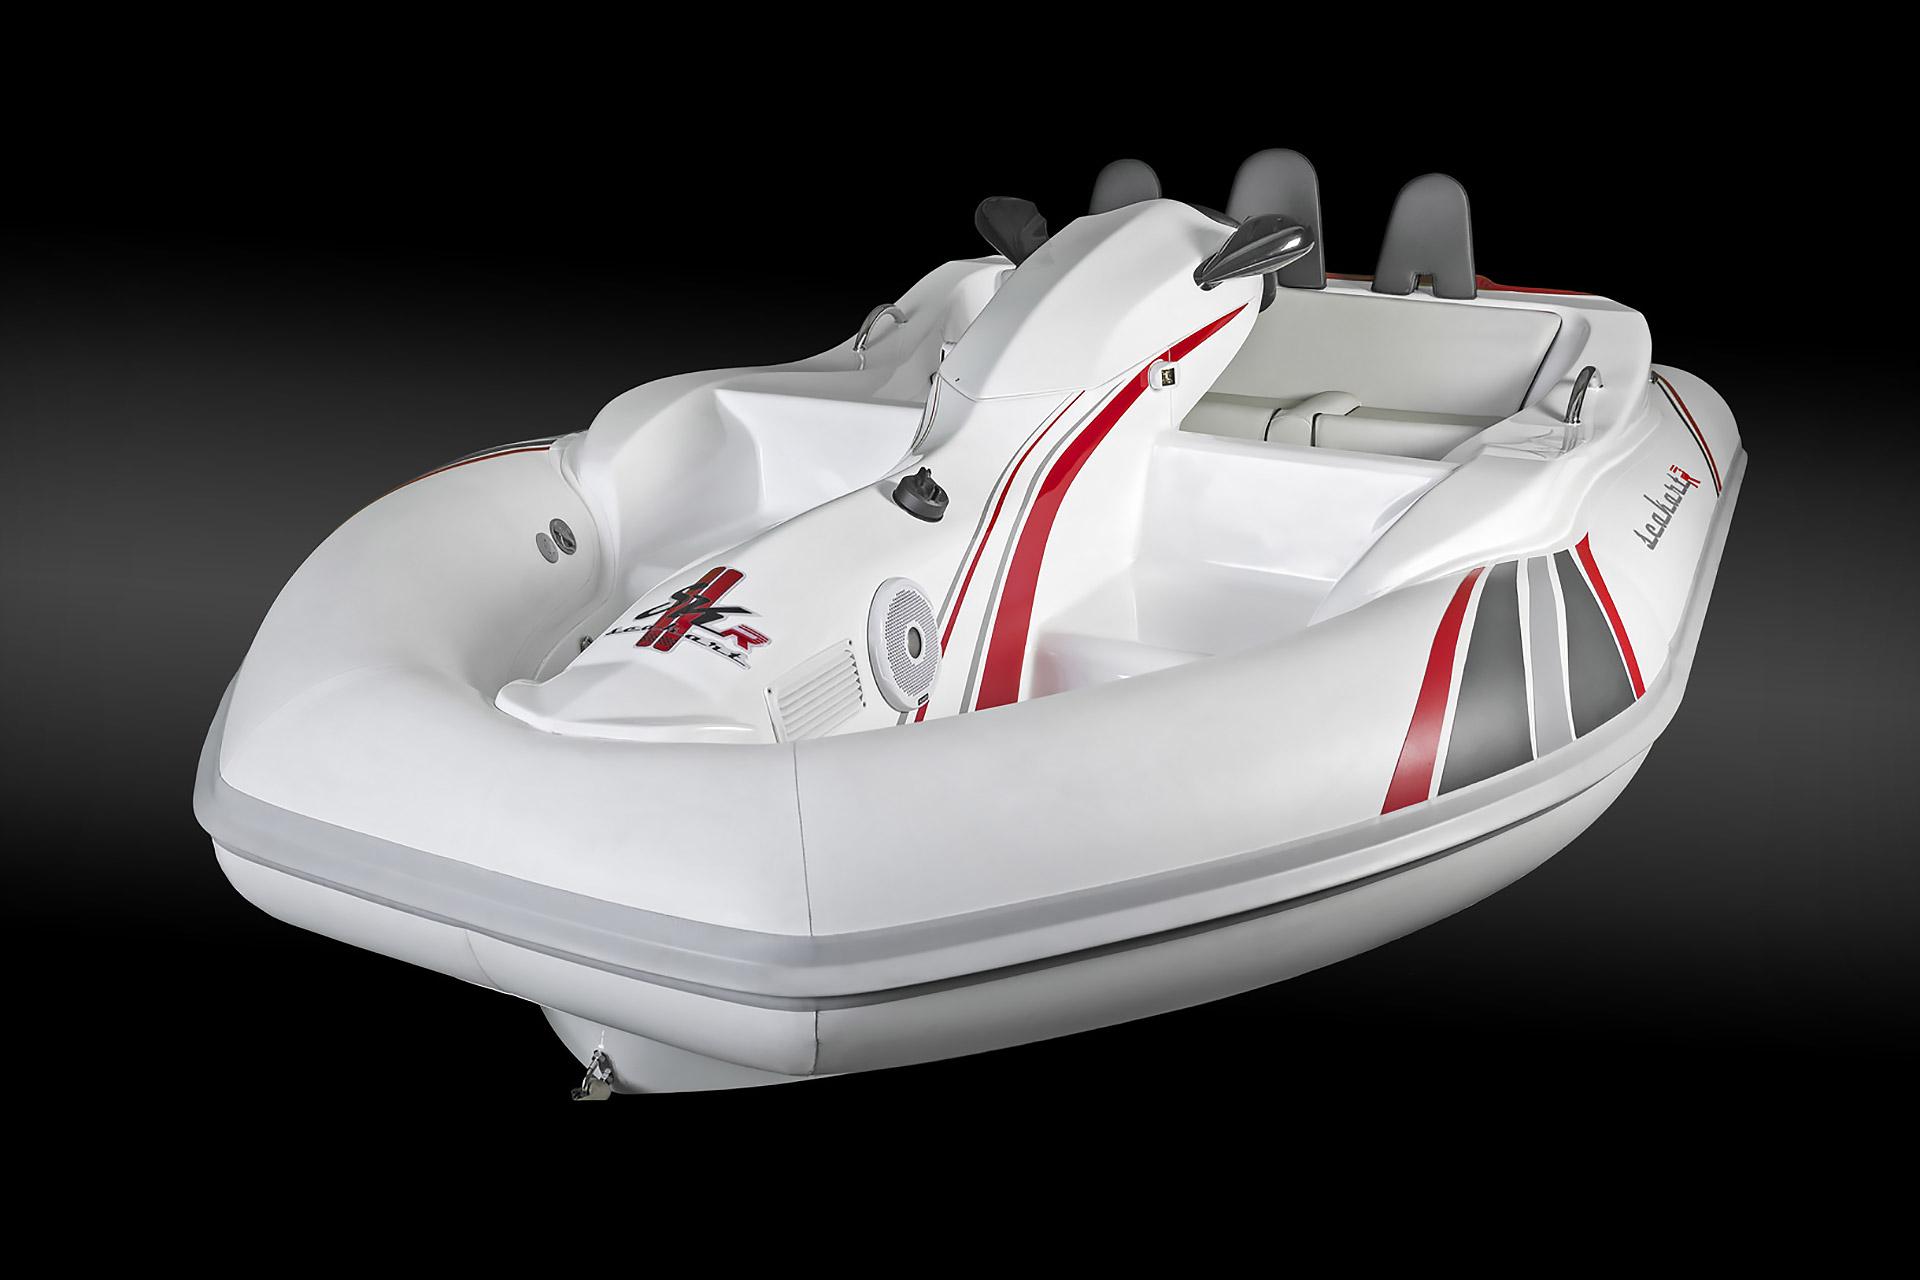 Seakart 335 Watercraft